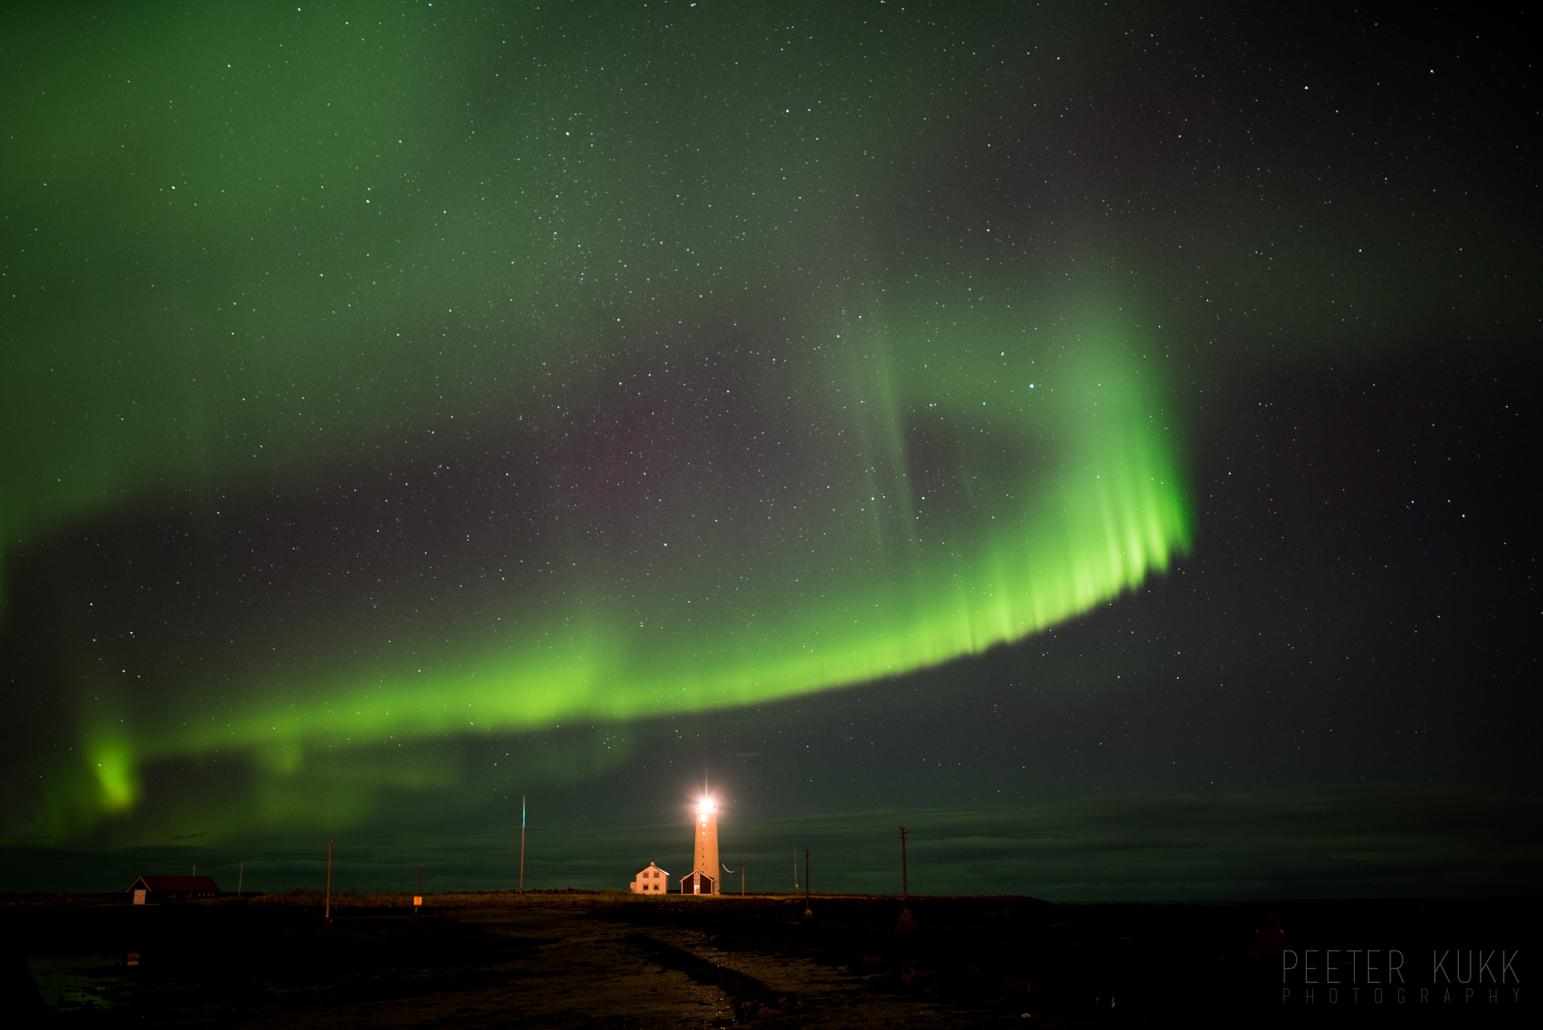 Auroras near Reykjavik